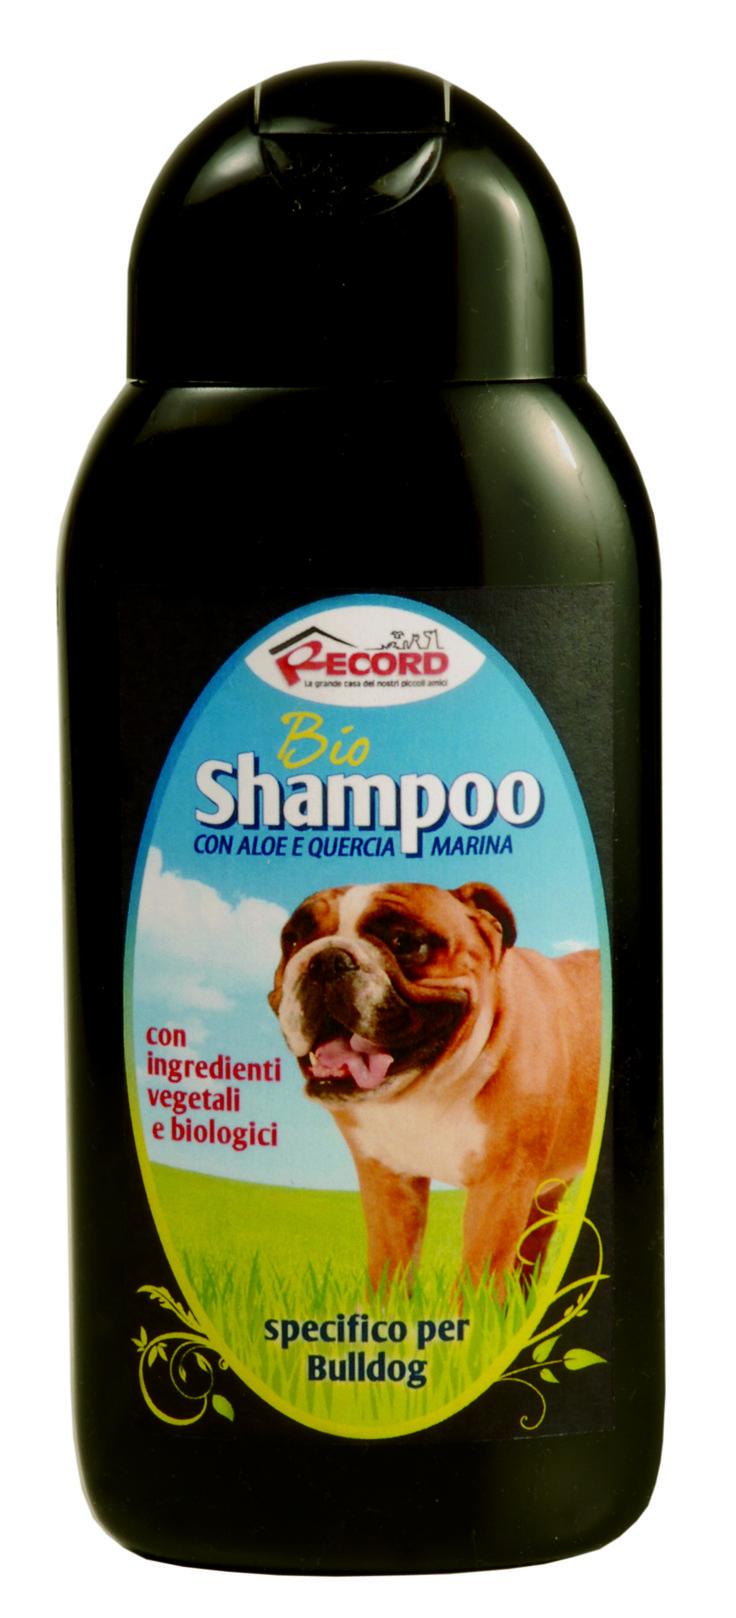 #Bio #shampoo specifico per #cani #Bulldog, by Record. www.recordit.com